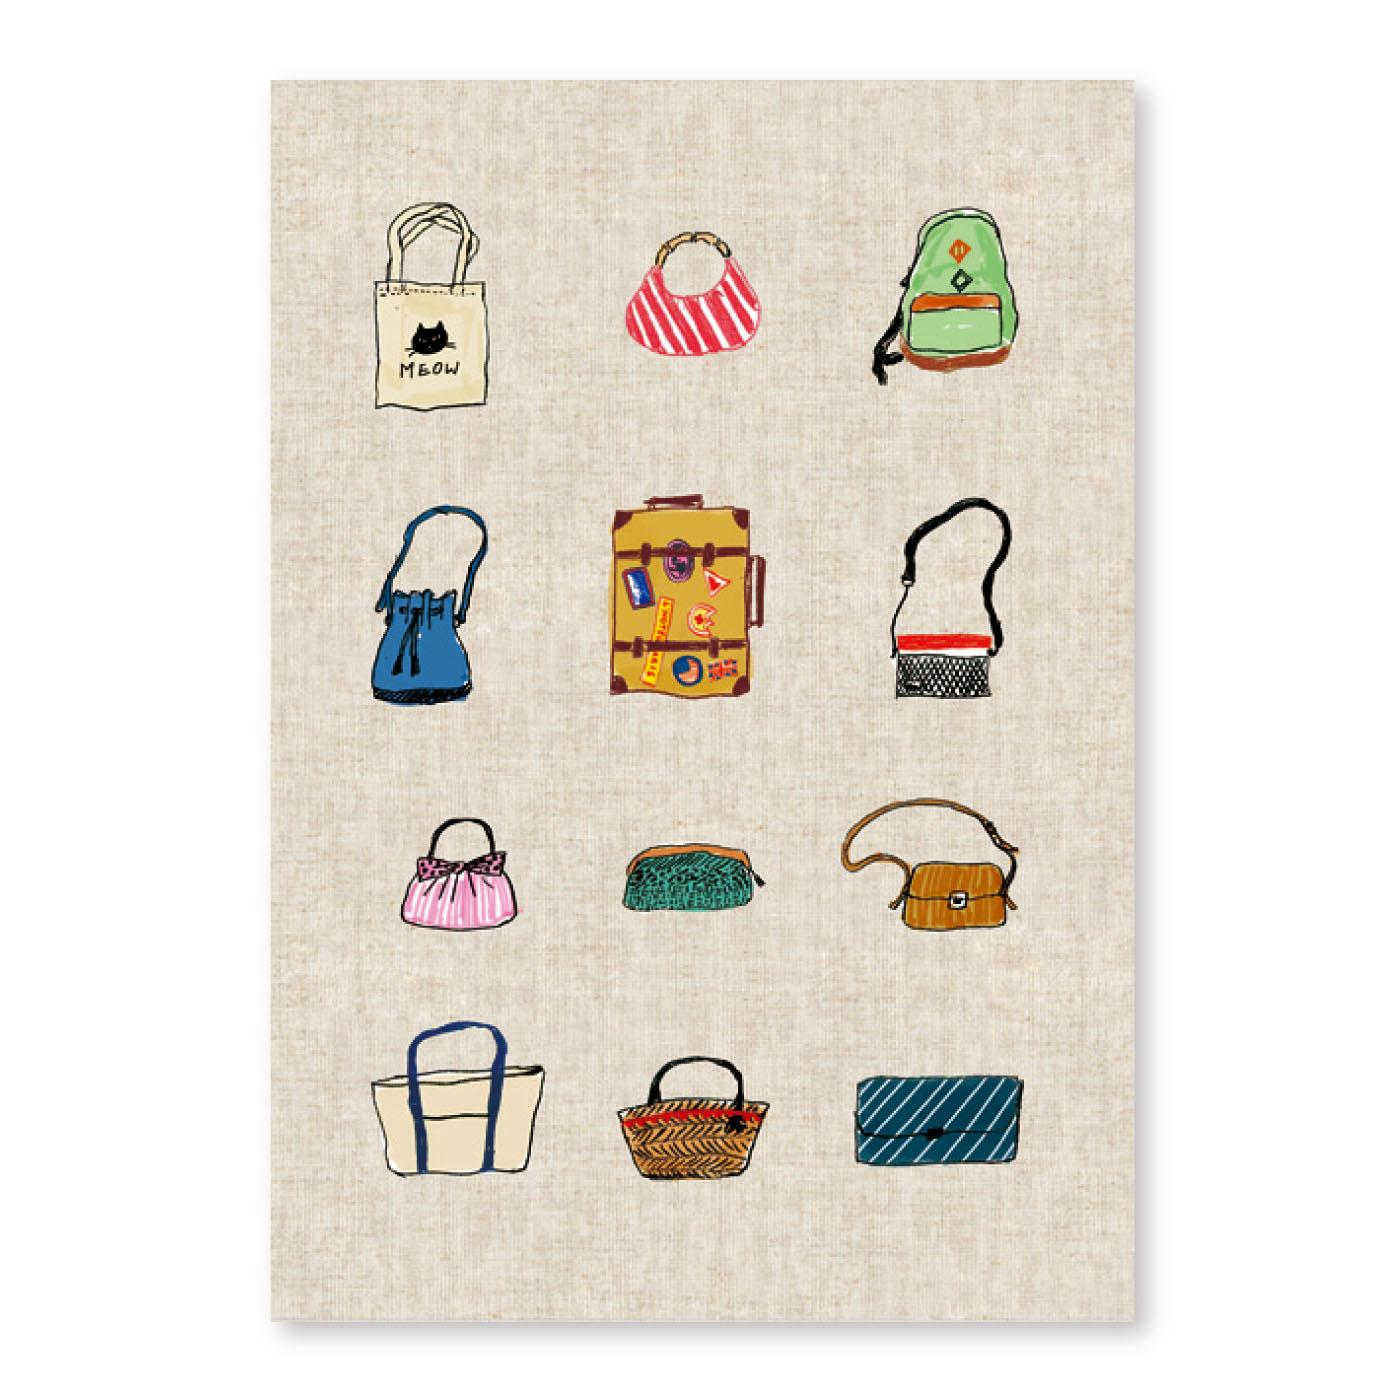 #おでかけ おでかけの思い出はバッグにつめこんで持ち帰って、家に着いたらここにログ。